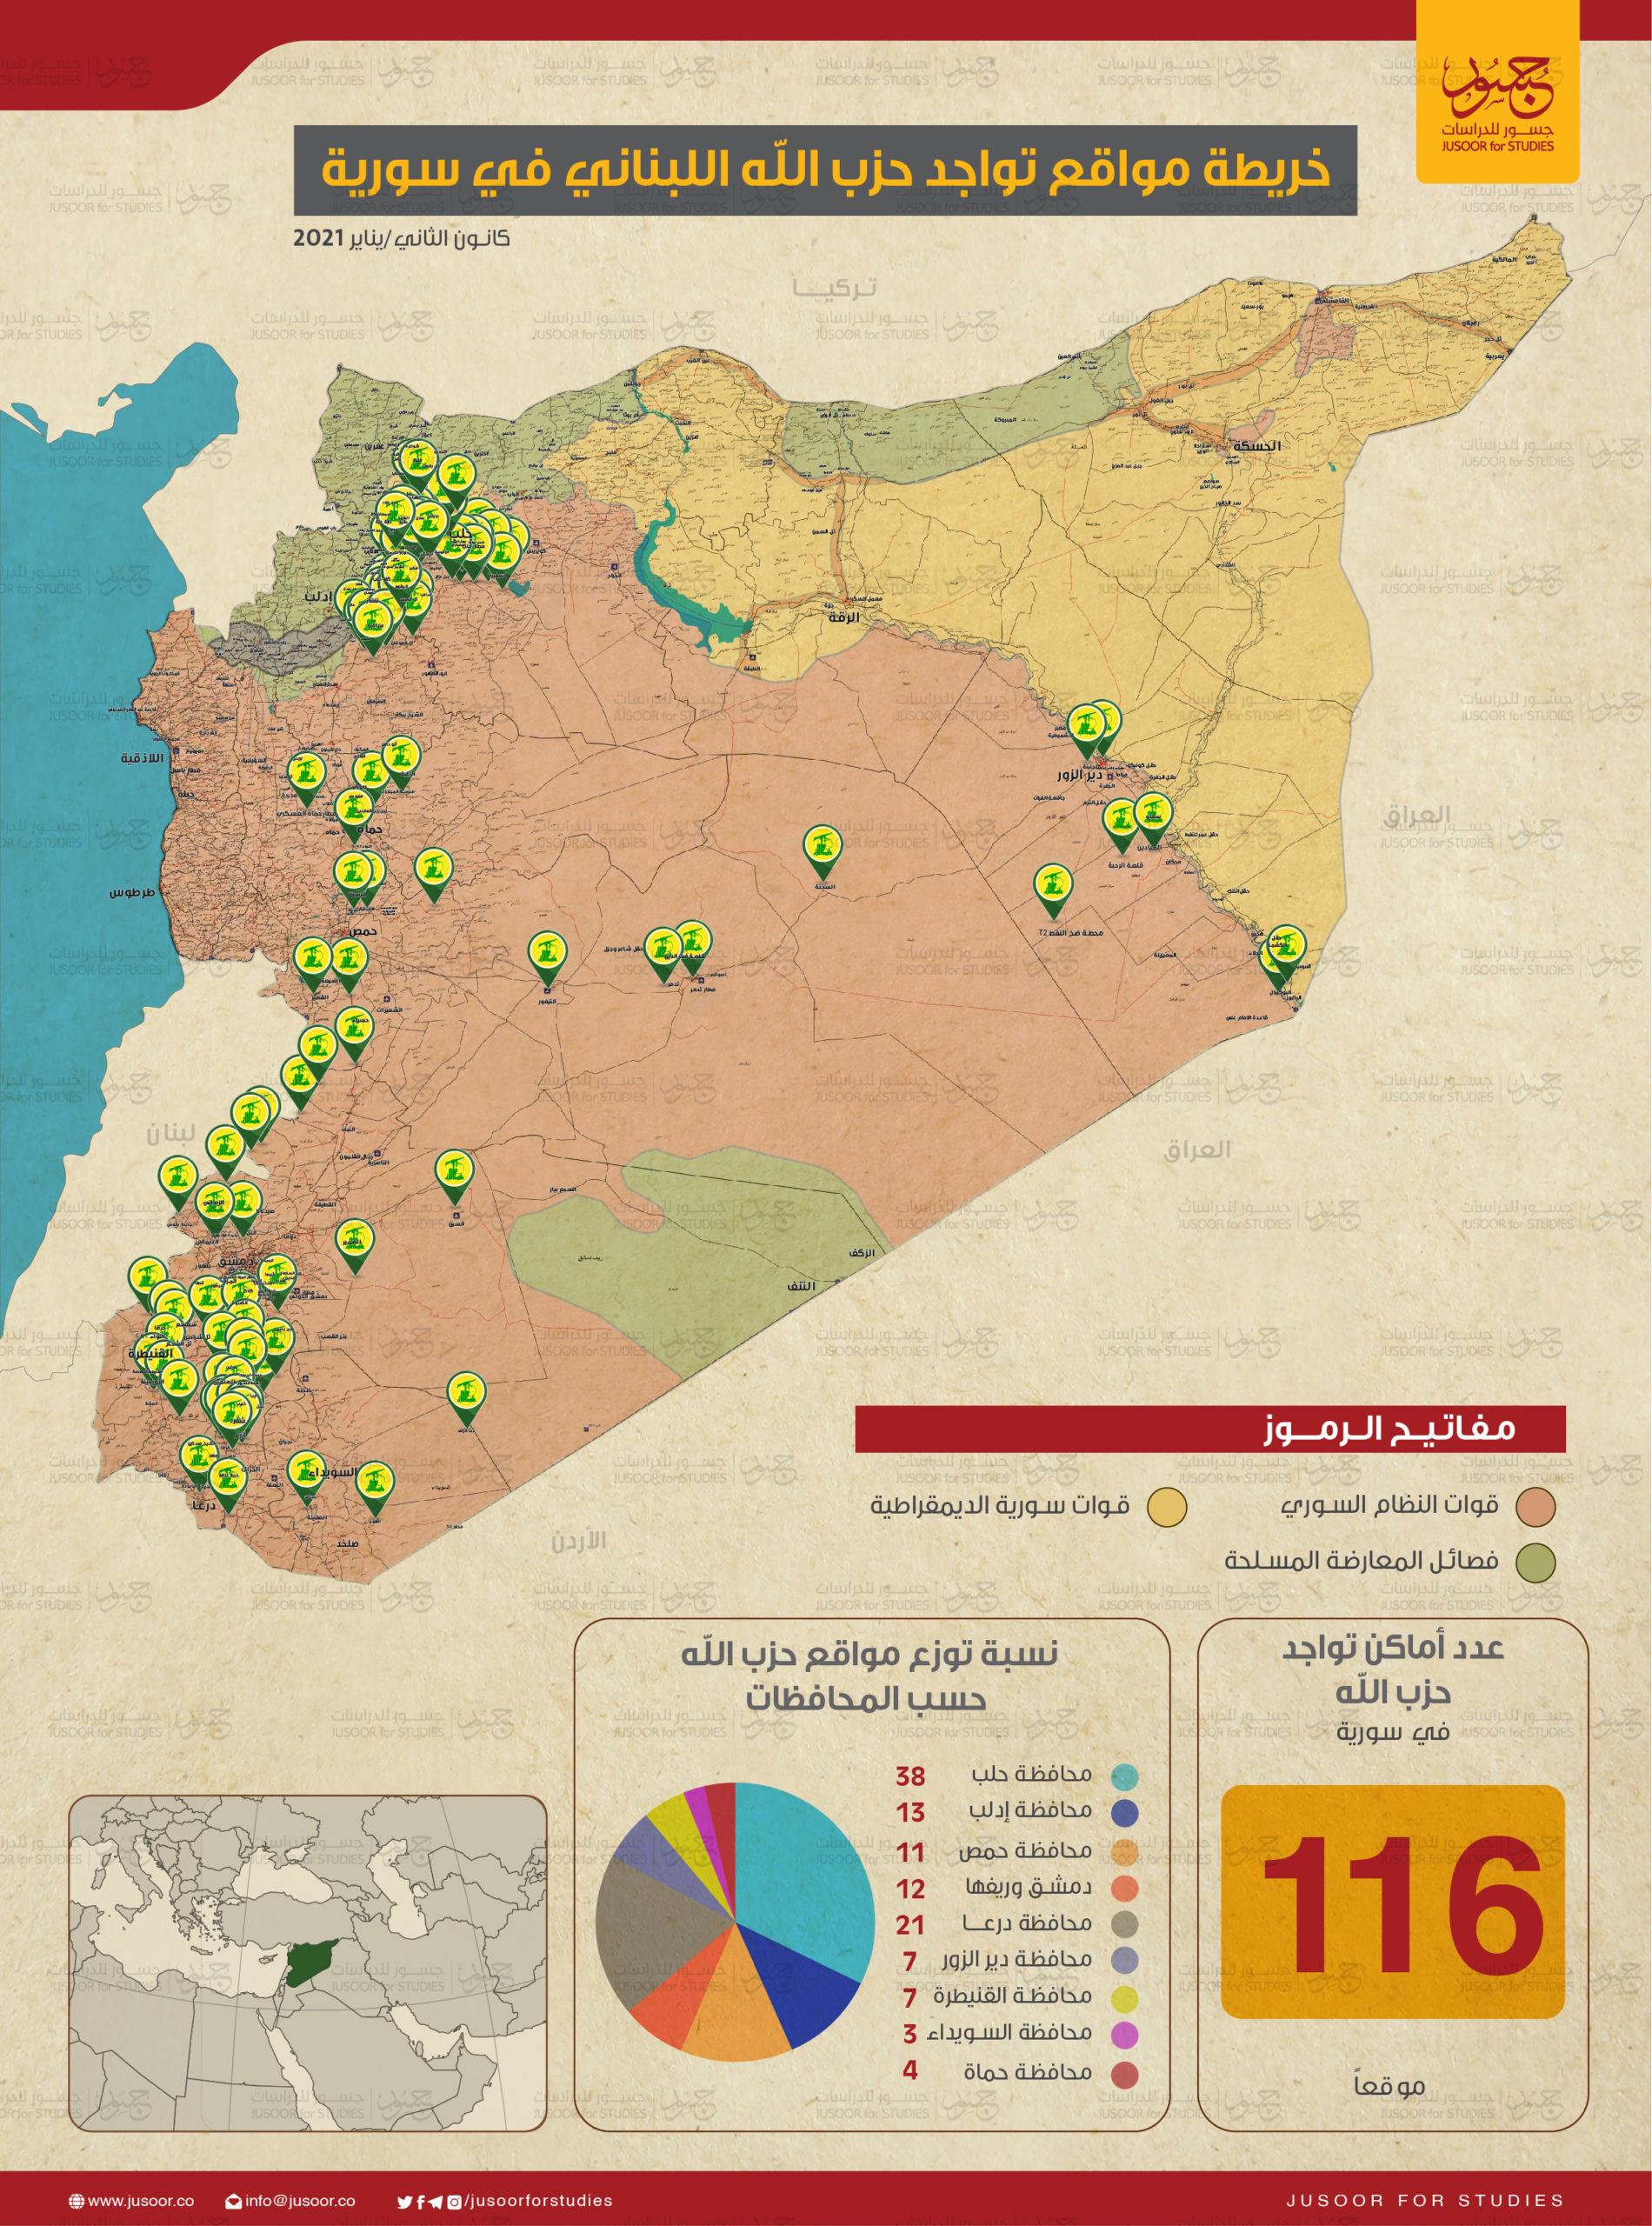 مواقع حزب الله في سوريا (مركز جسور للدراسات)